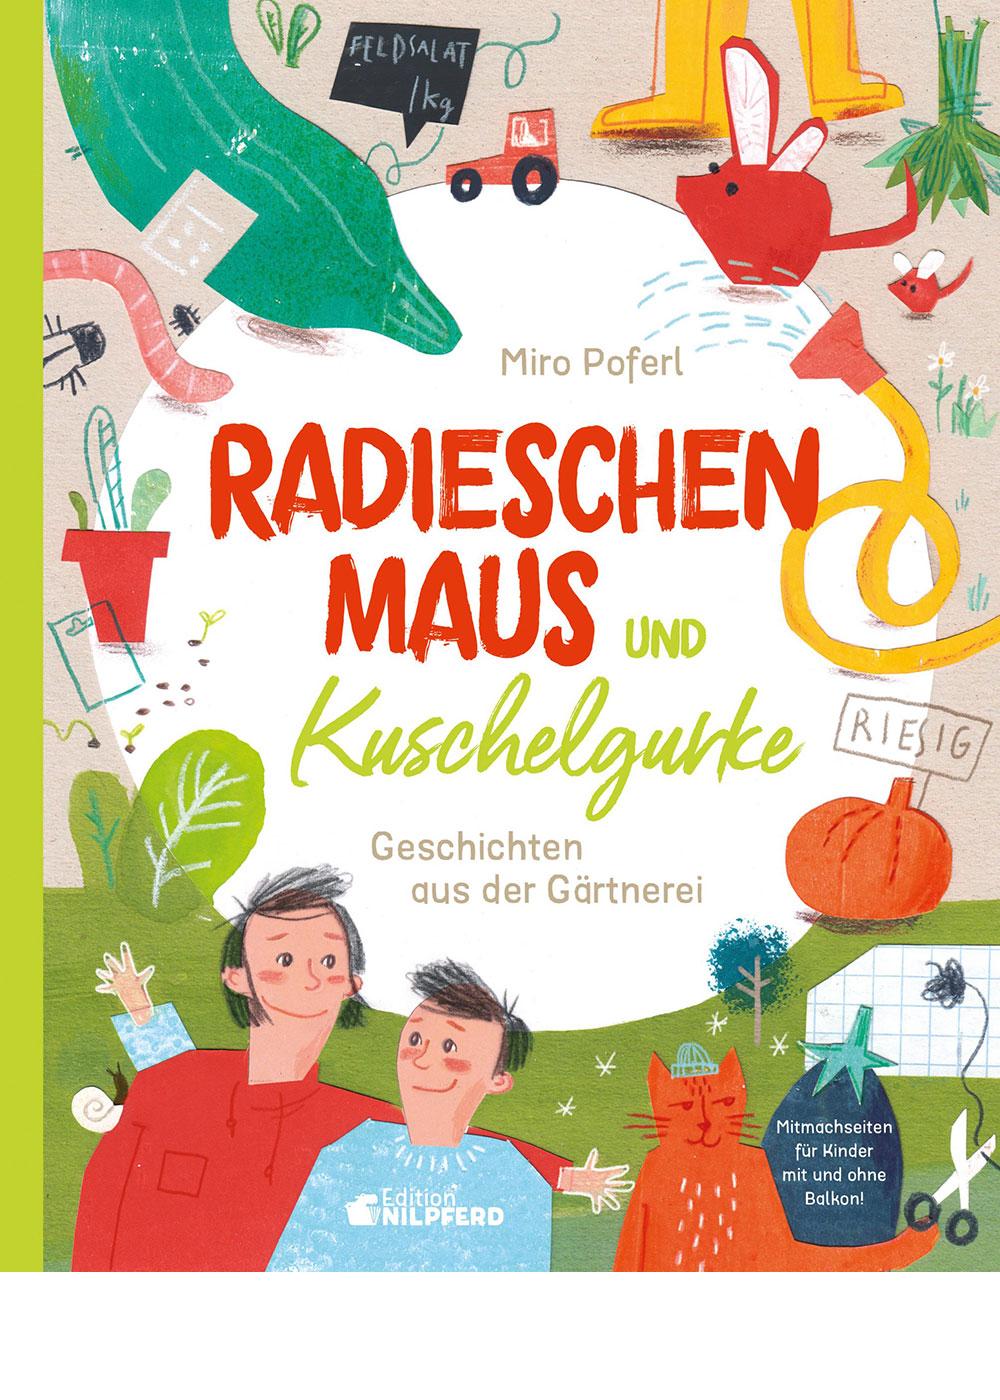 Projekt Kinderbuch Radieschenmaus und Kuschelgurke